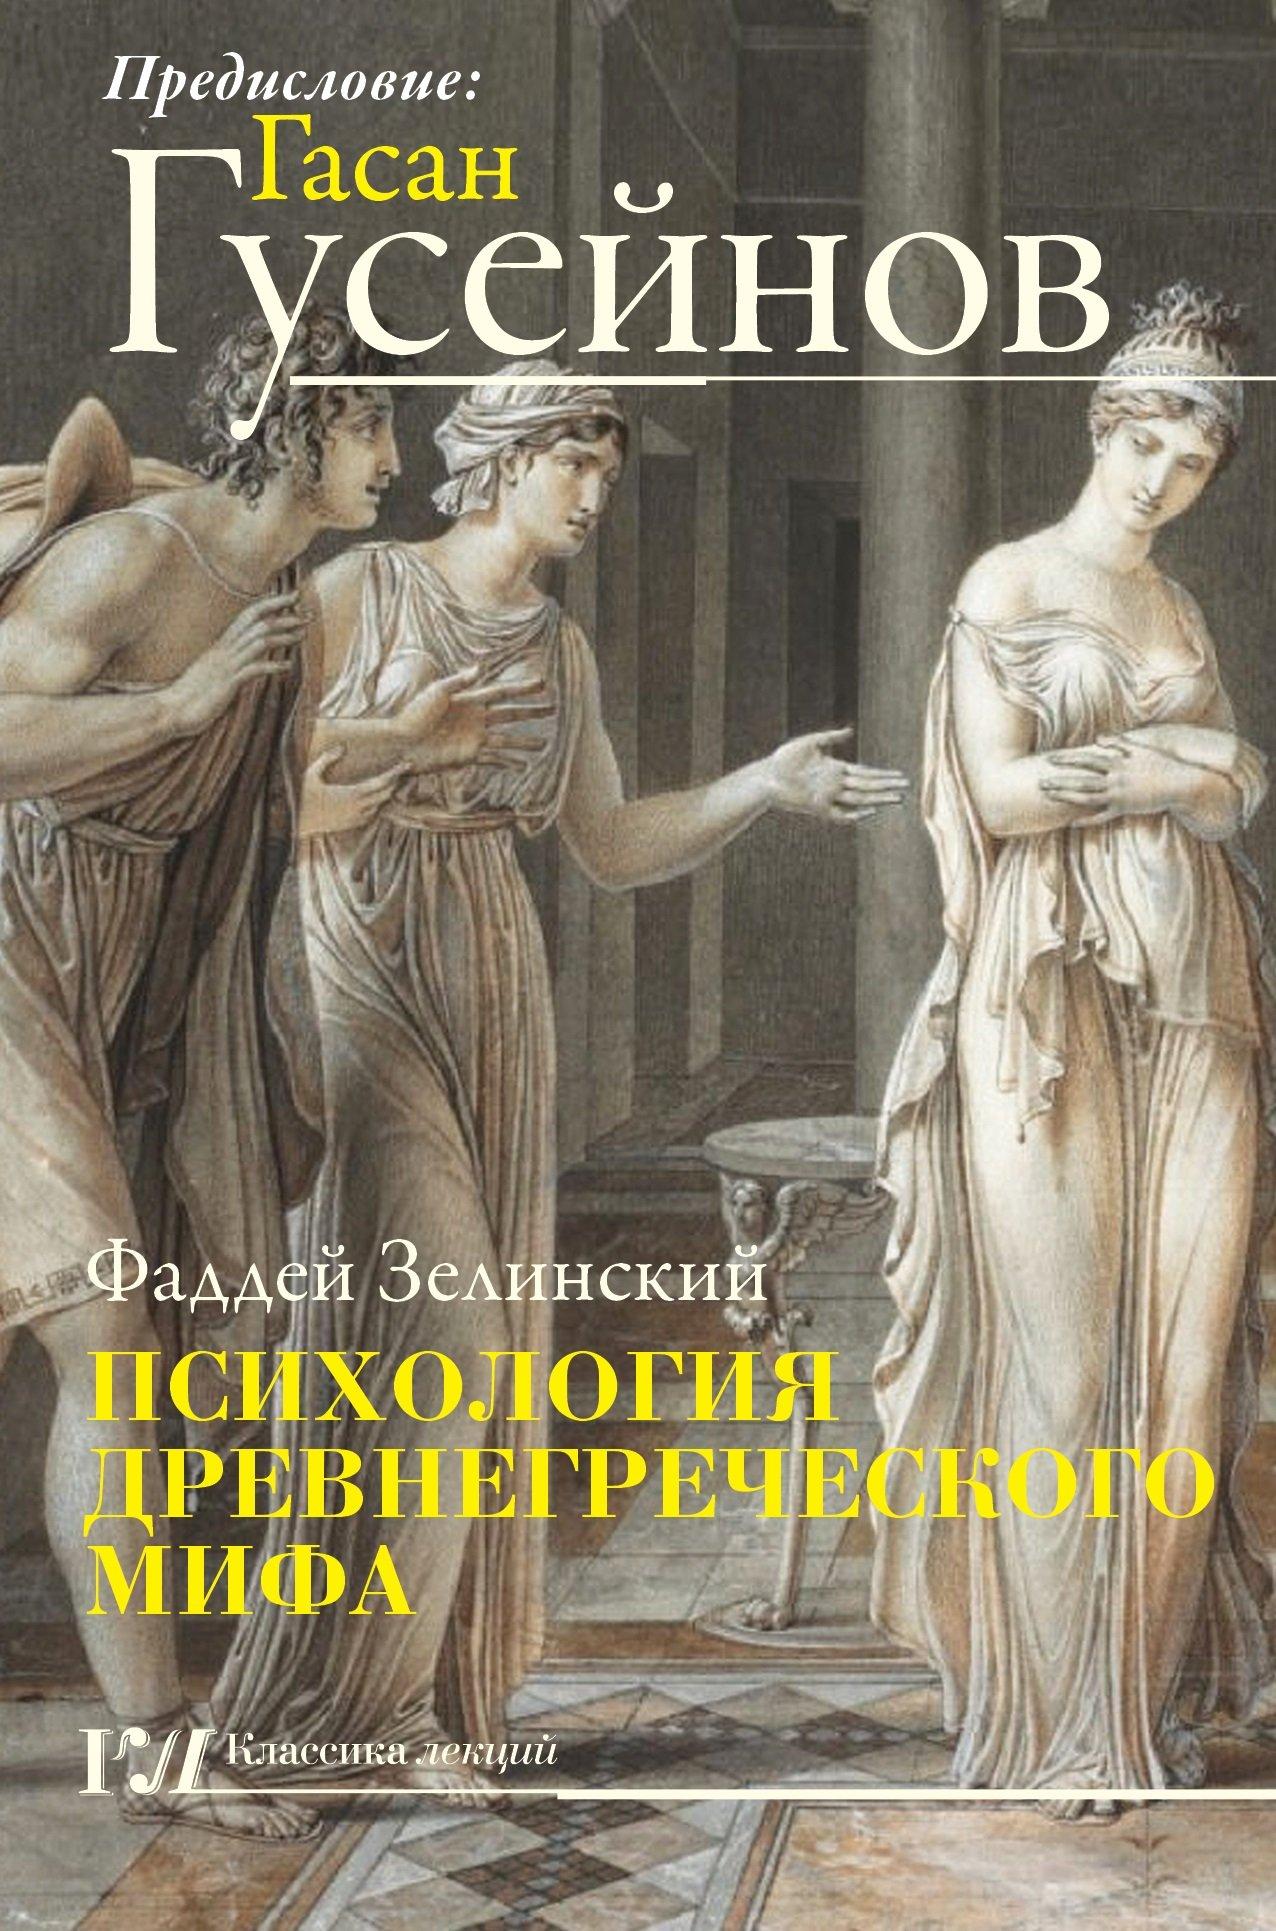 Психология древнегреческого мифа ( Гусейнов Гасан  )